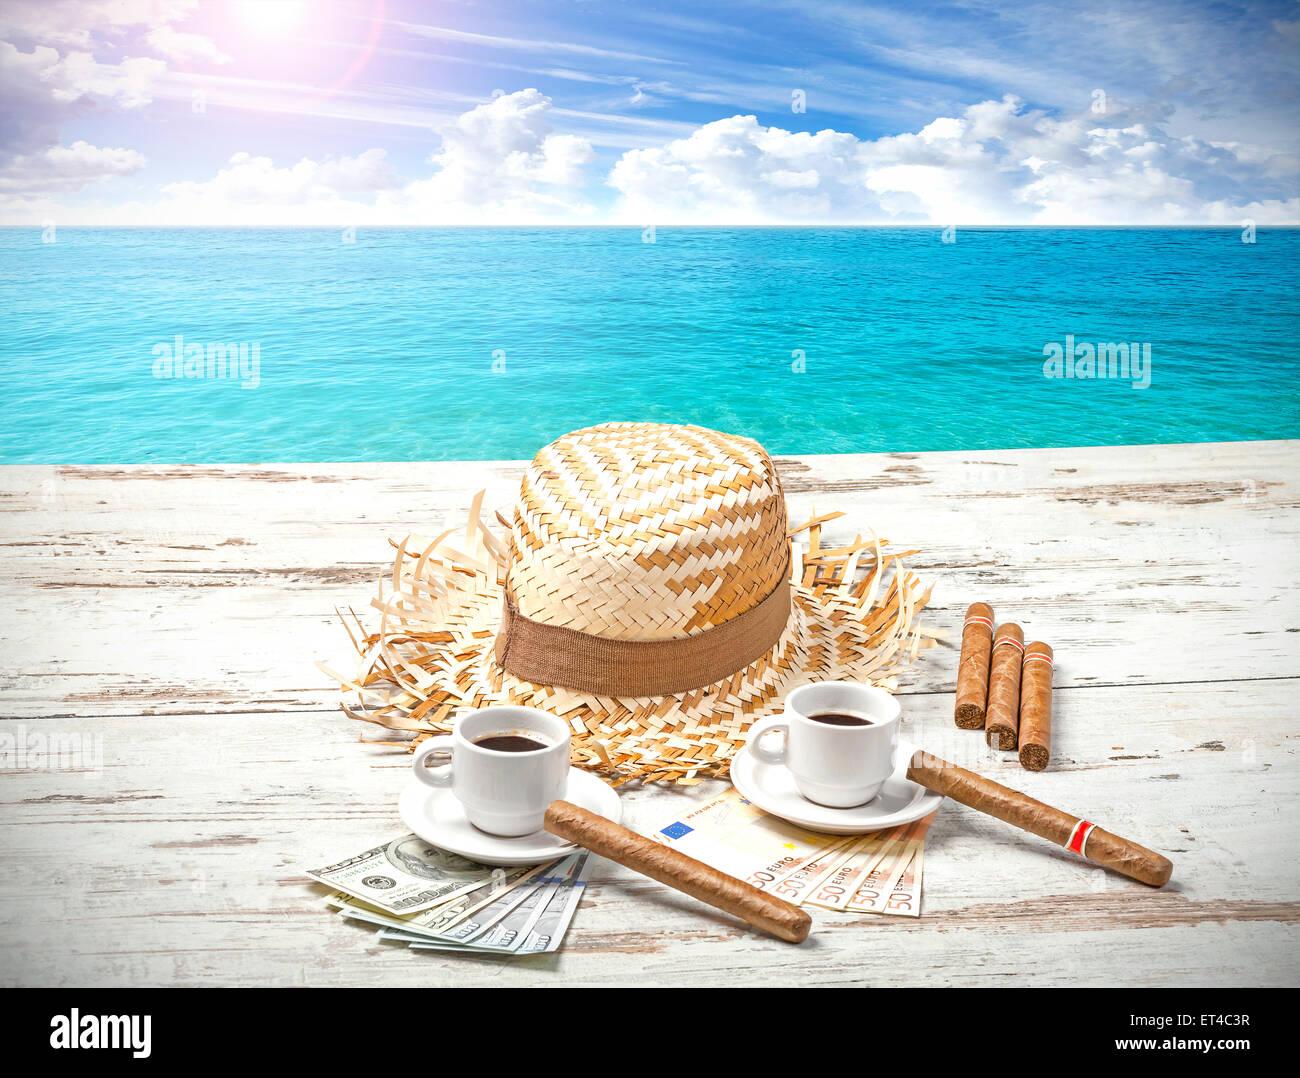 Caffè, sigari, denaro e hat sulla spiaggia in legno tavolo. Summer Adventure Concept. Immagini Stock